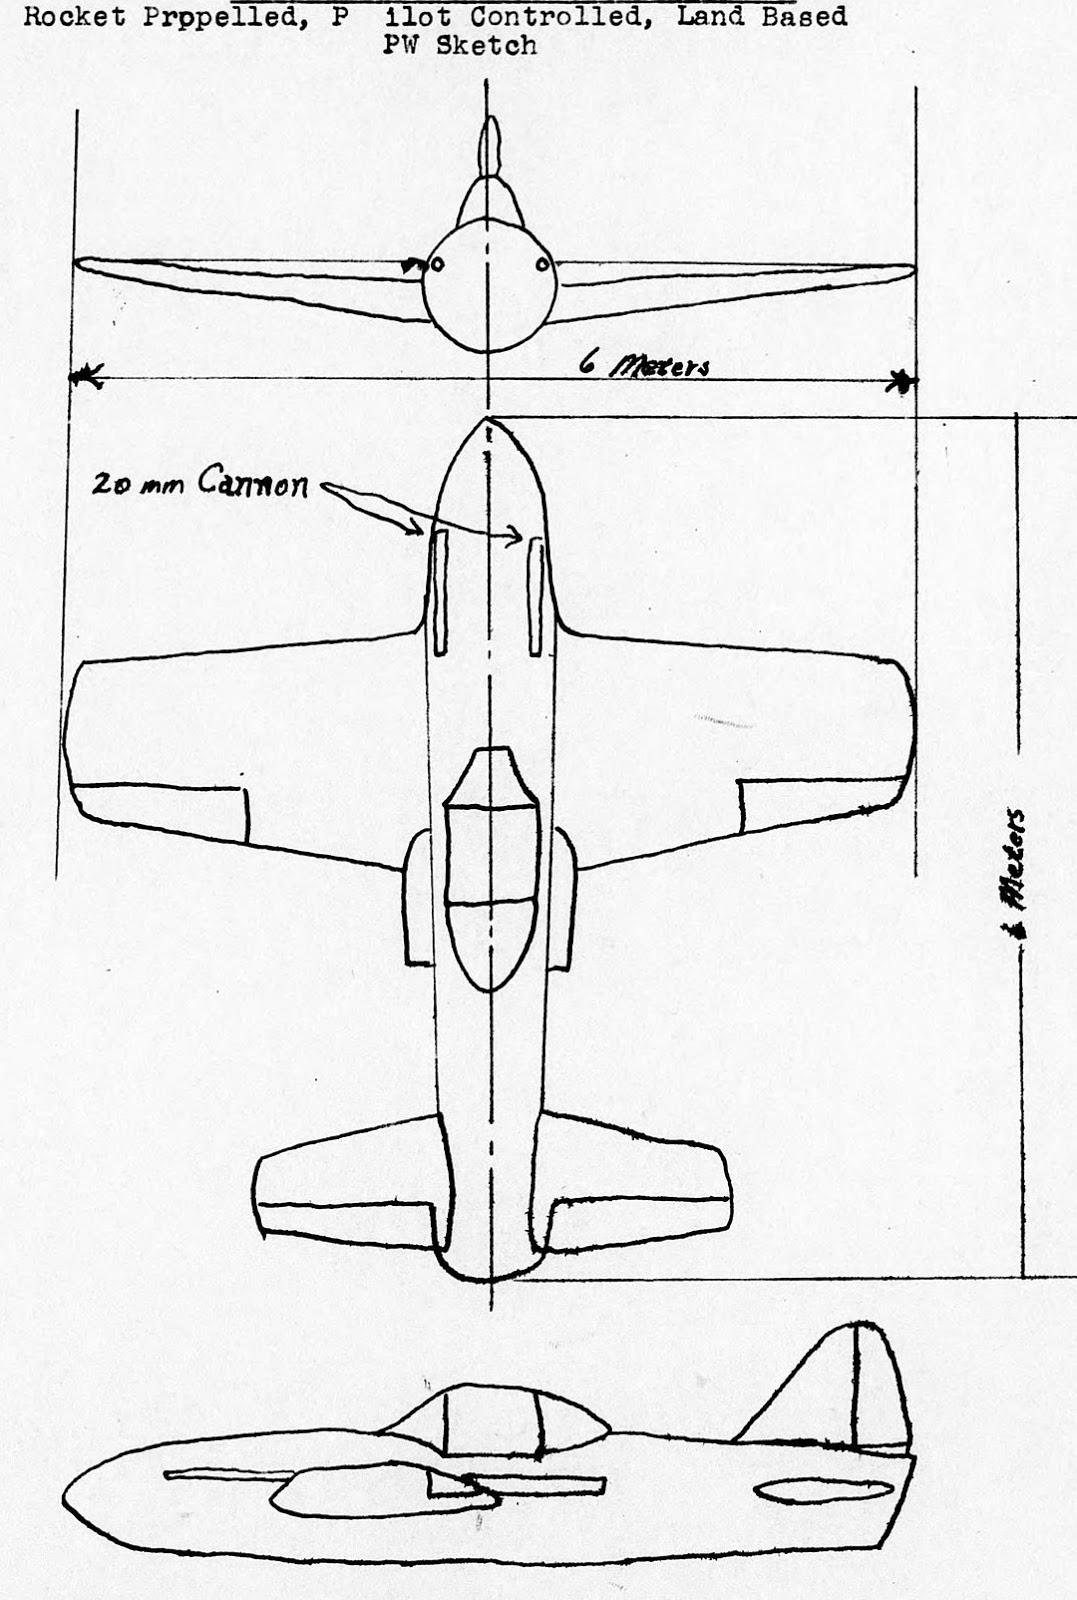 Luftwaffe 46 et autres projets de l'axe à toutes les échelles(Bf 109 G10 erla luft46). - Page 20 O9Xdee8